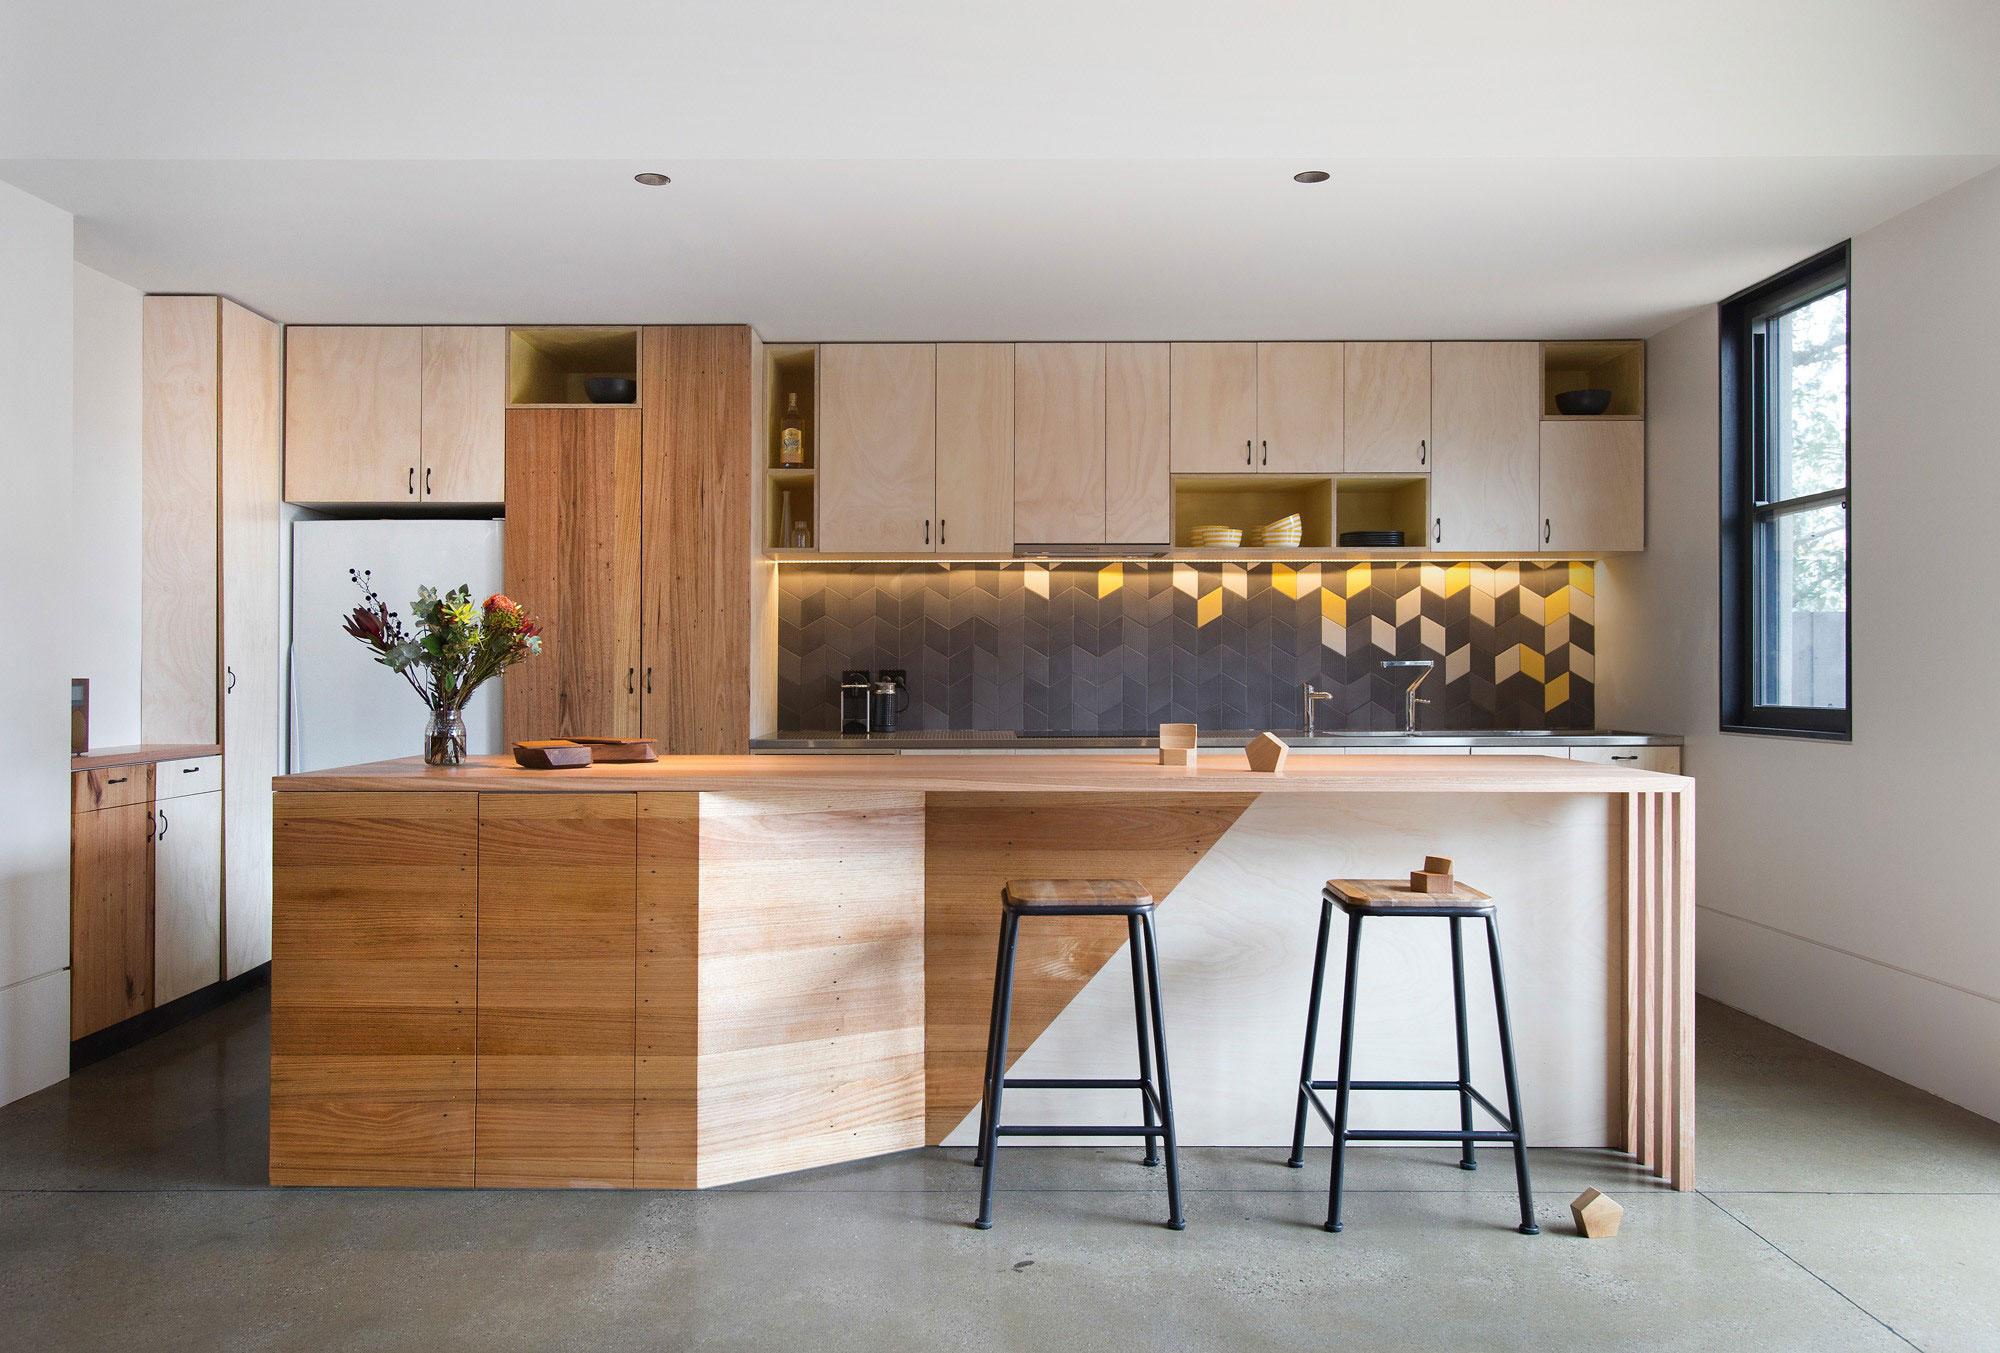 50 Best Modern Kitchen Design Ideas for 2019